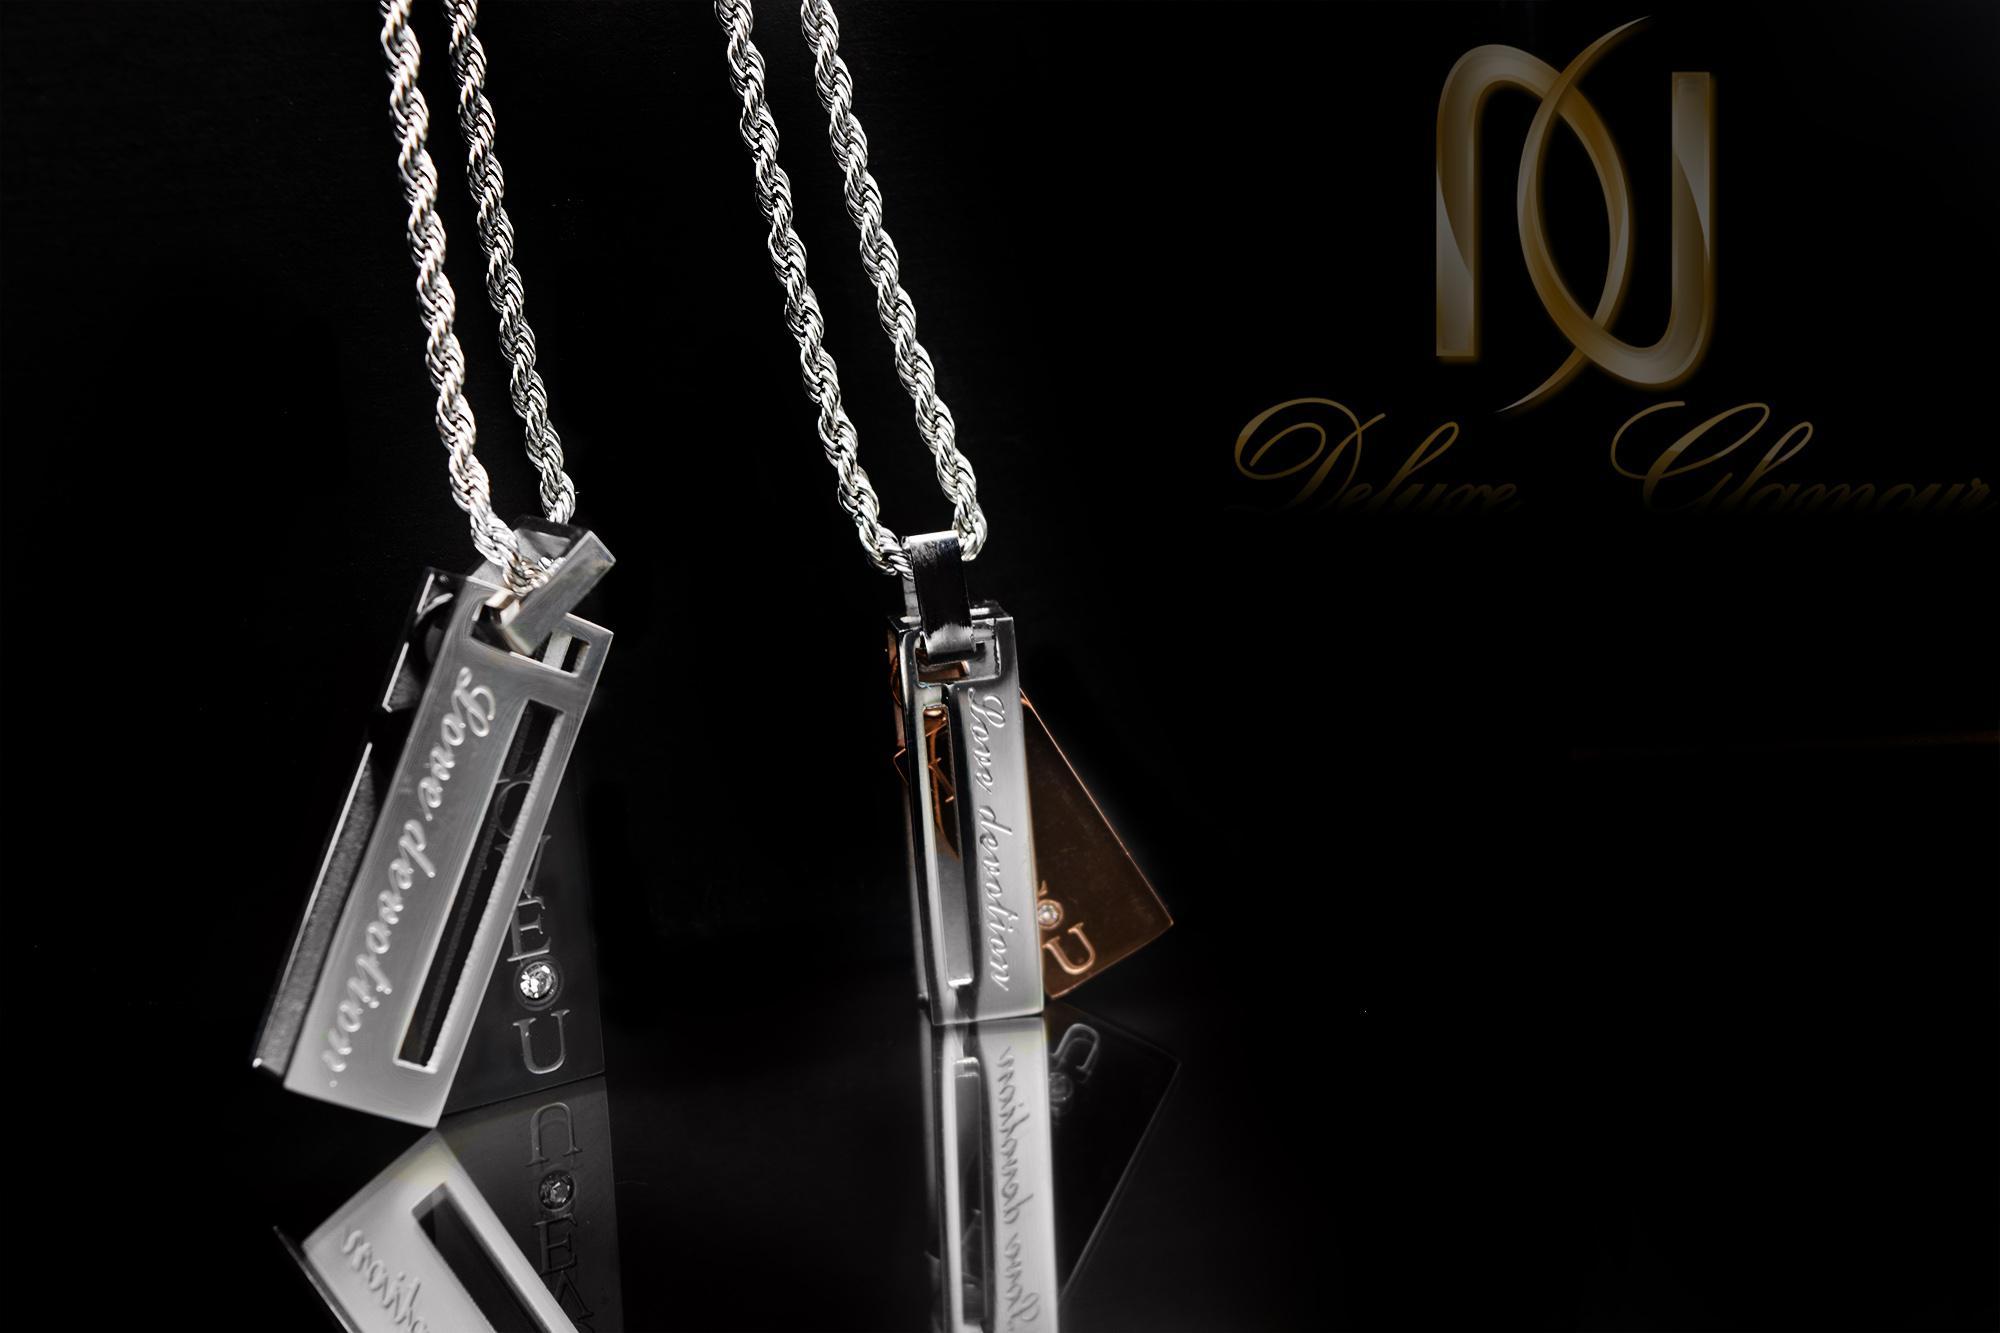 گردنبند ست عاشقانه طرح جدید mf-n136 از نمای مشکی